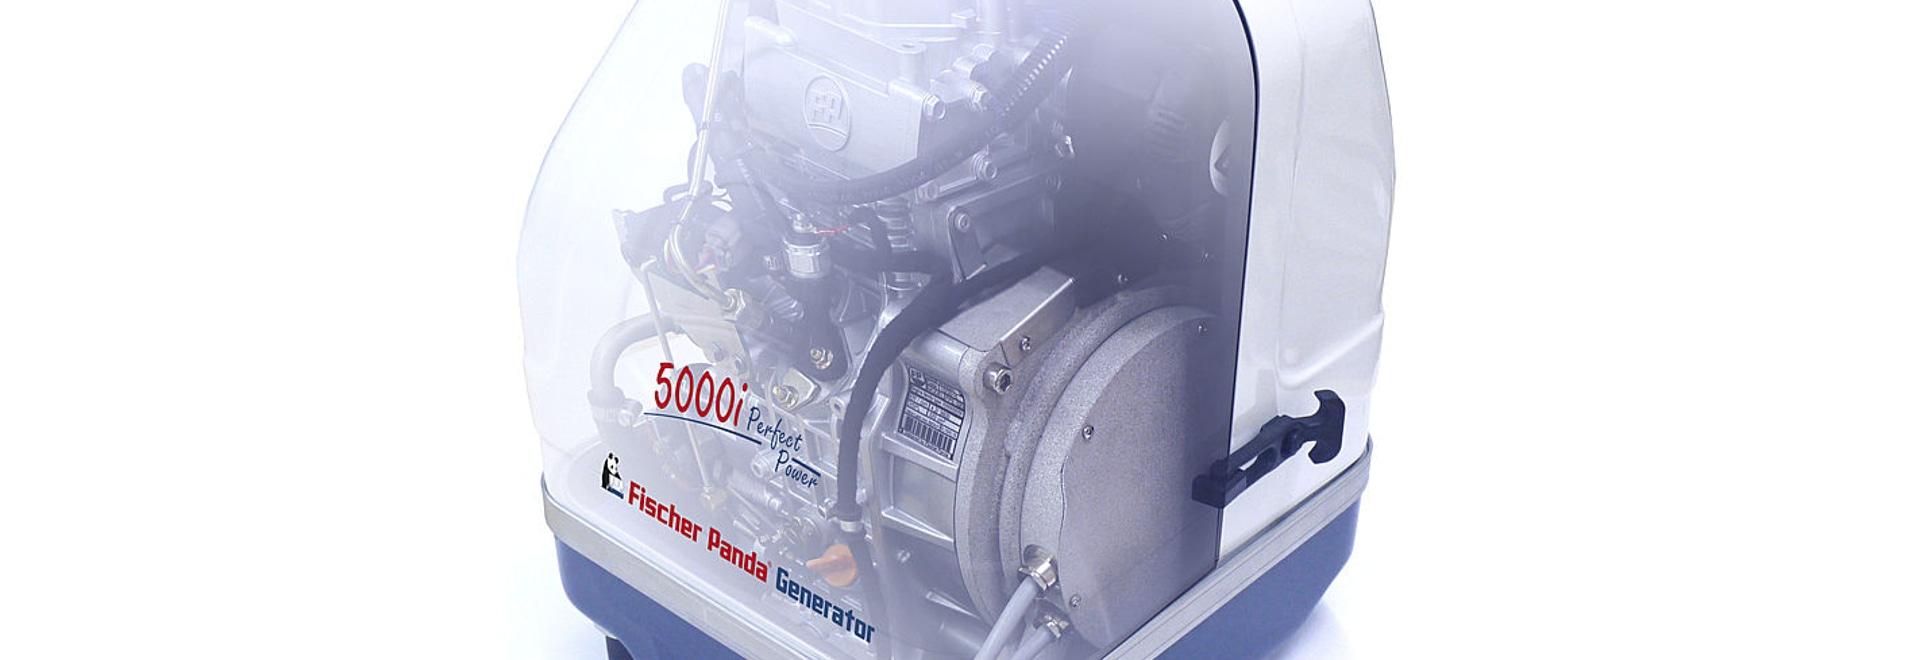 The new Panda 5000i.Neo Marine Generator